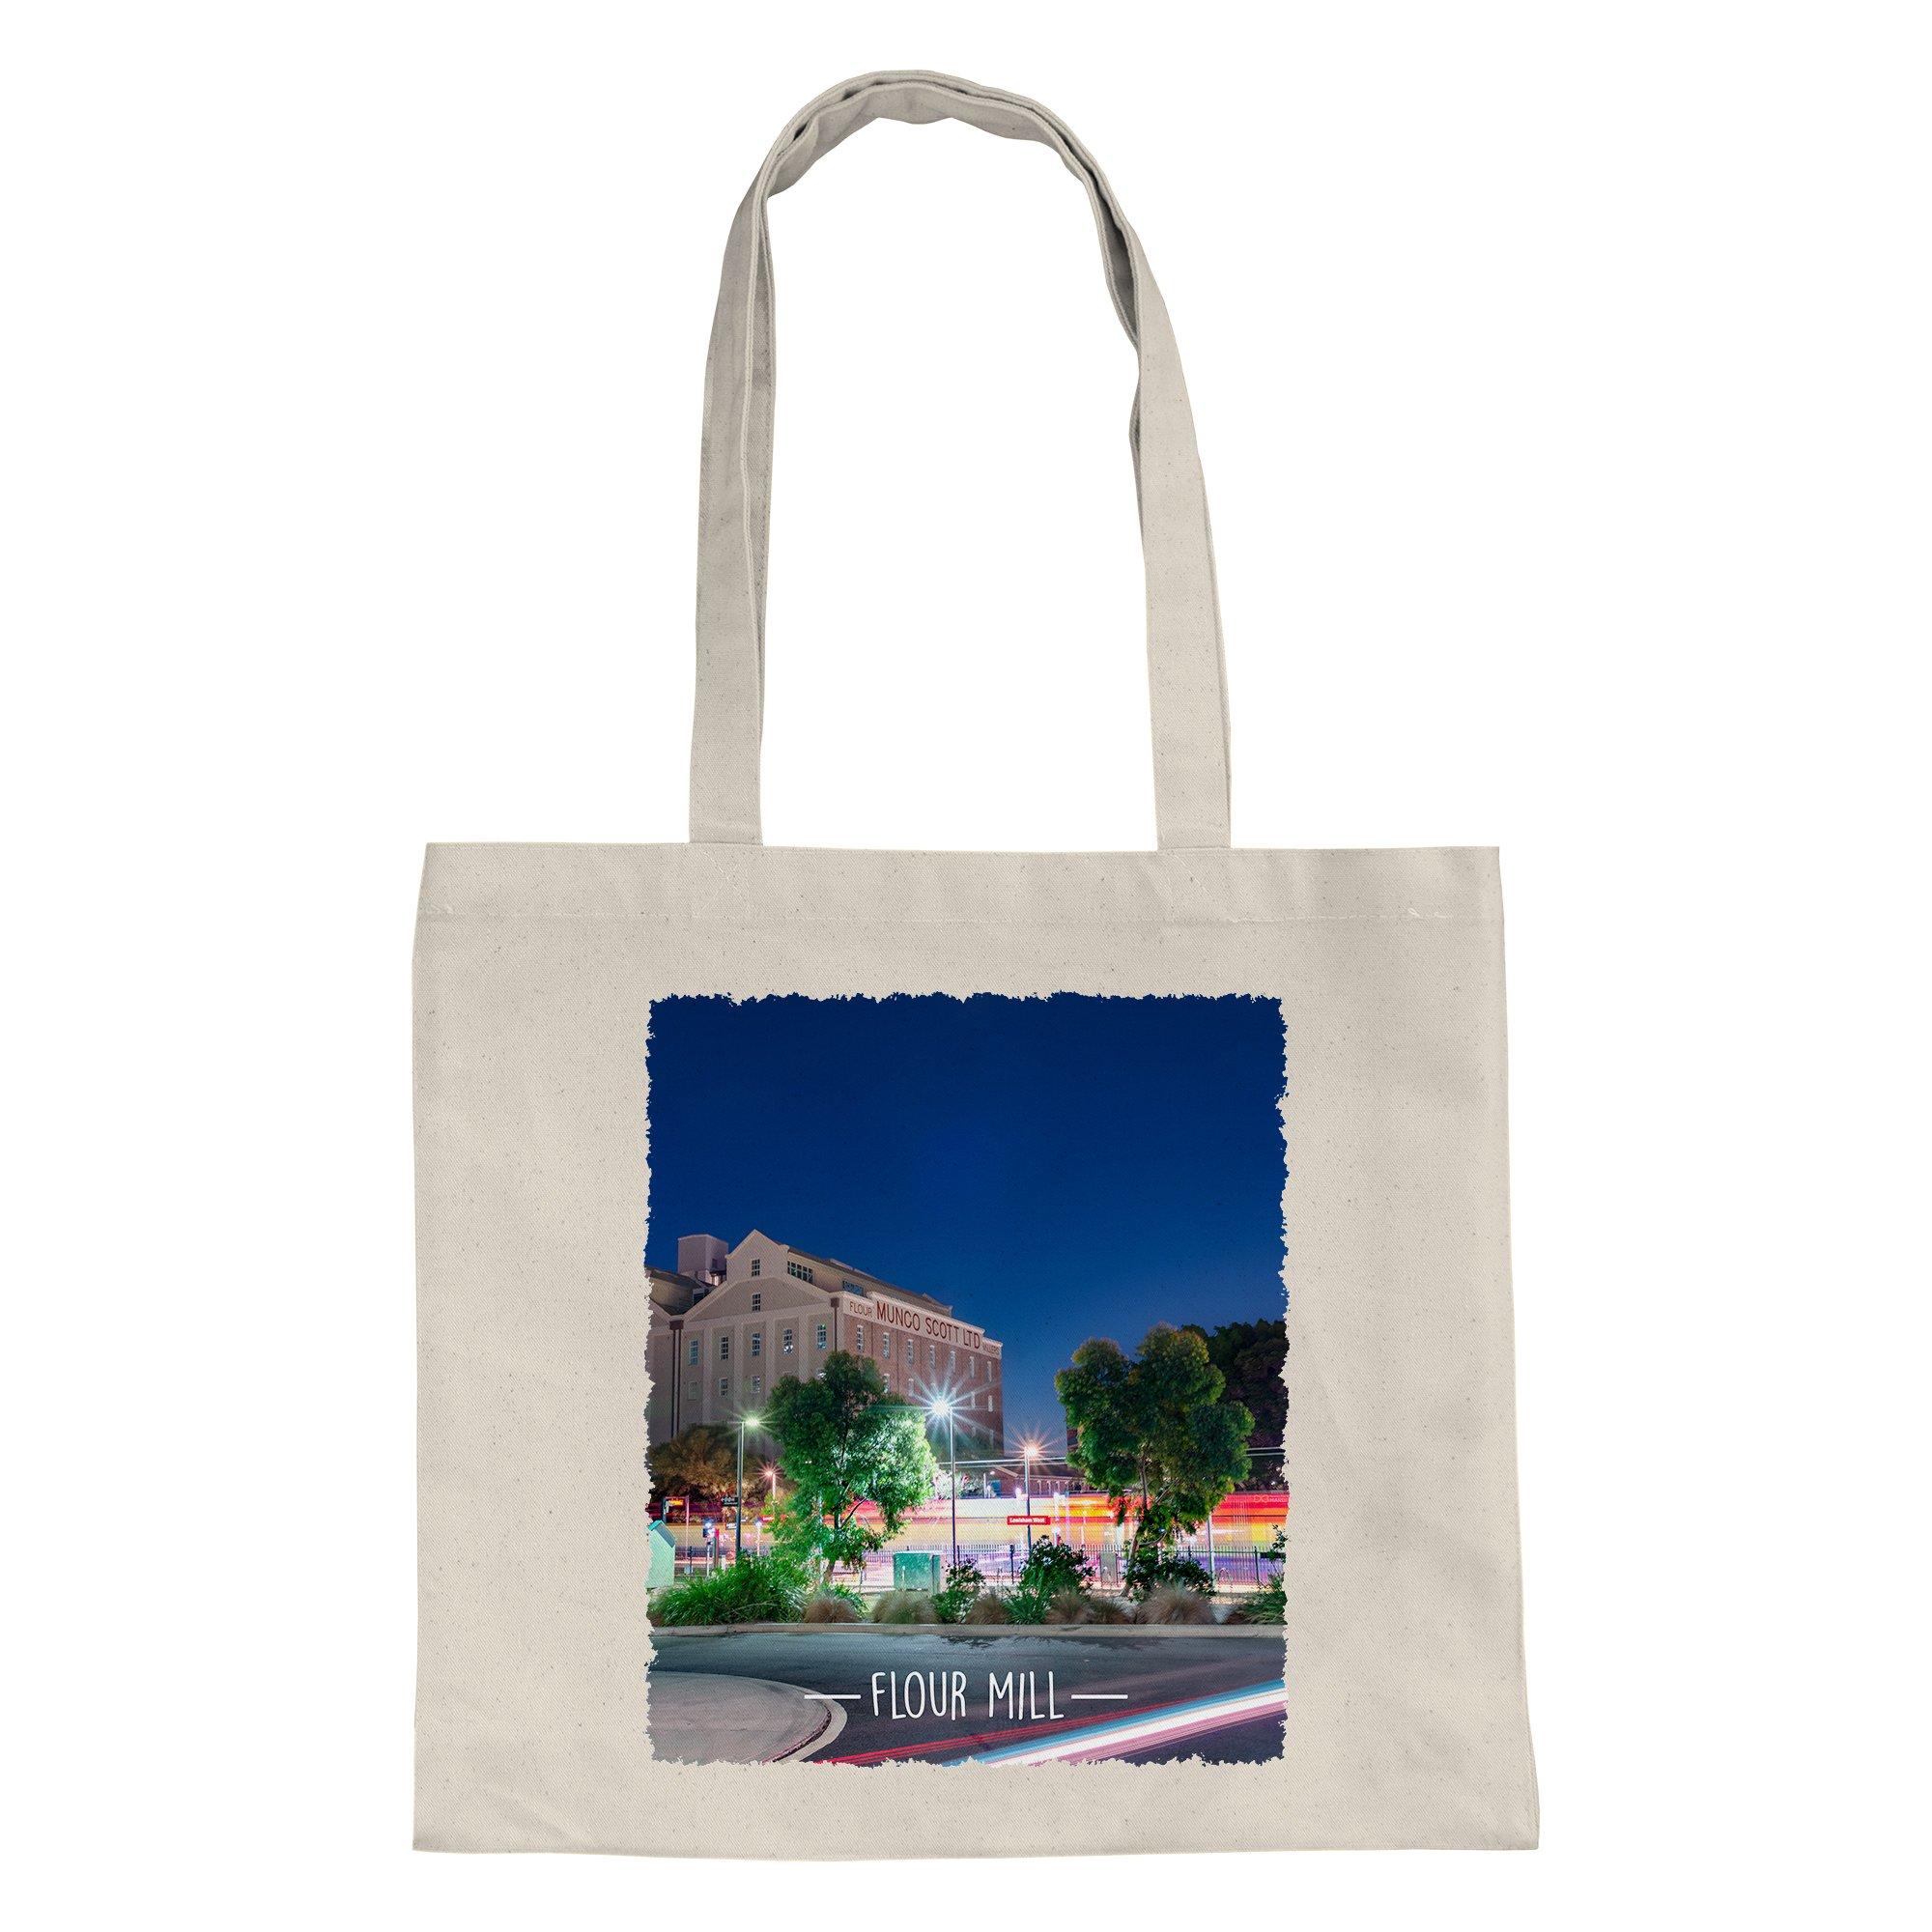 flour-mill-summer-hill-reusable-tote-bag-right_9c632e83-49bc-451c-be4a-4b3478da9bf3_1024x1024@2x